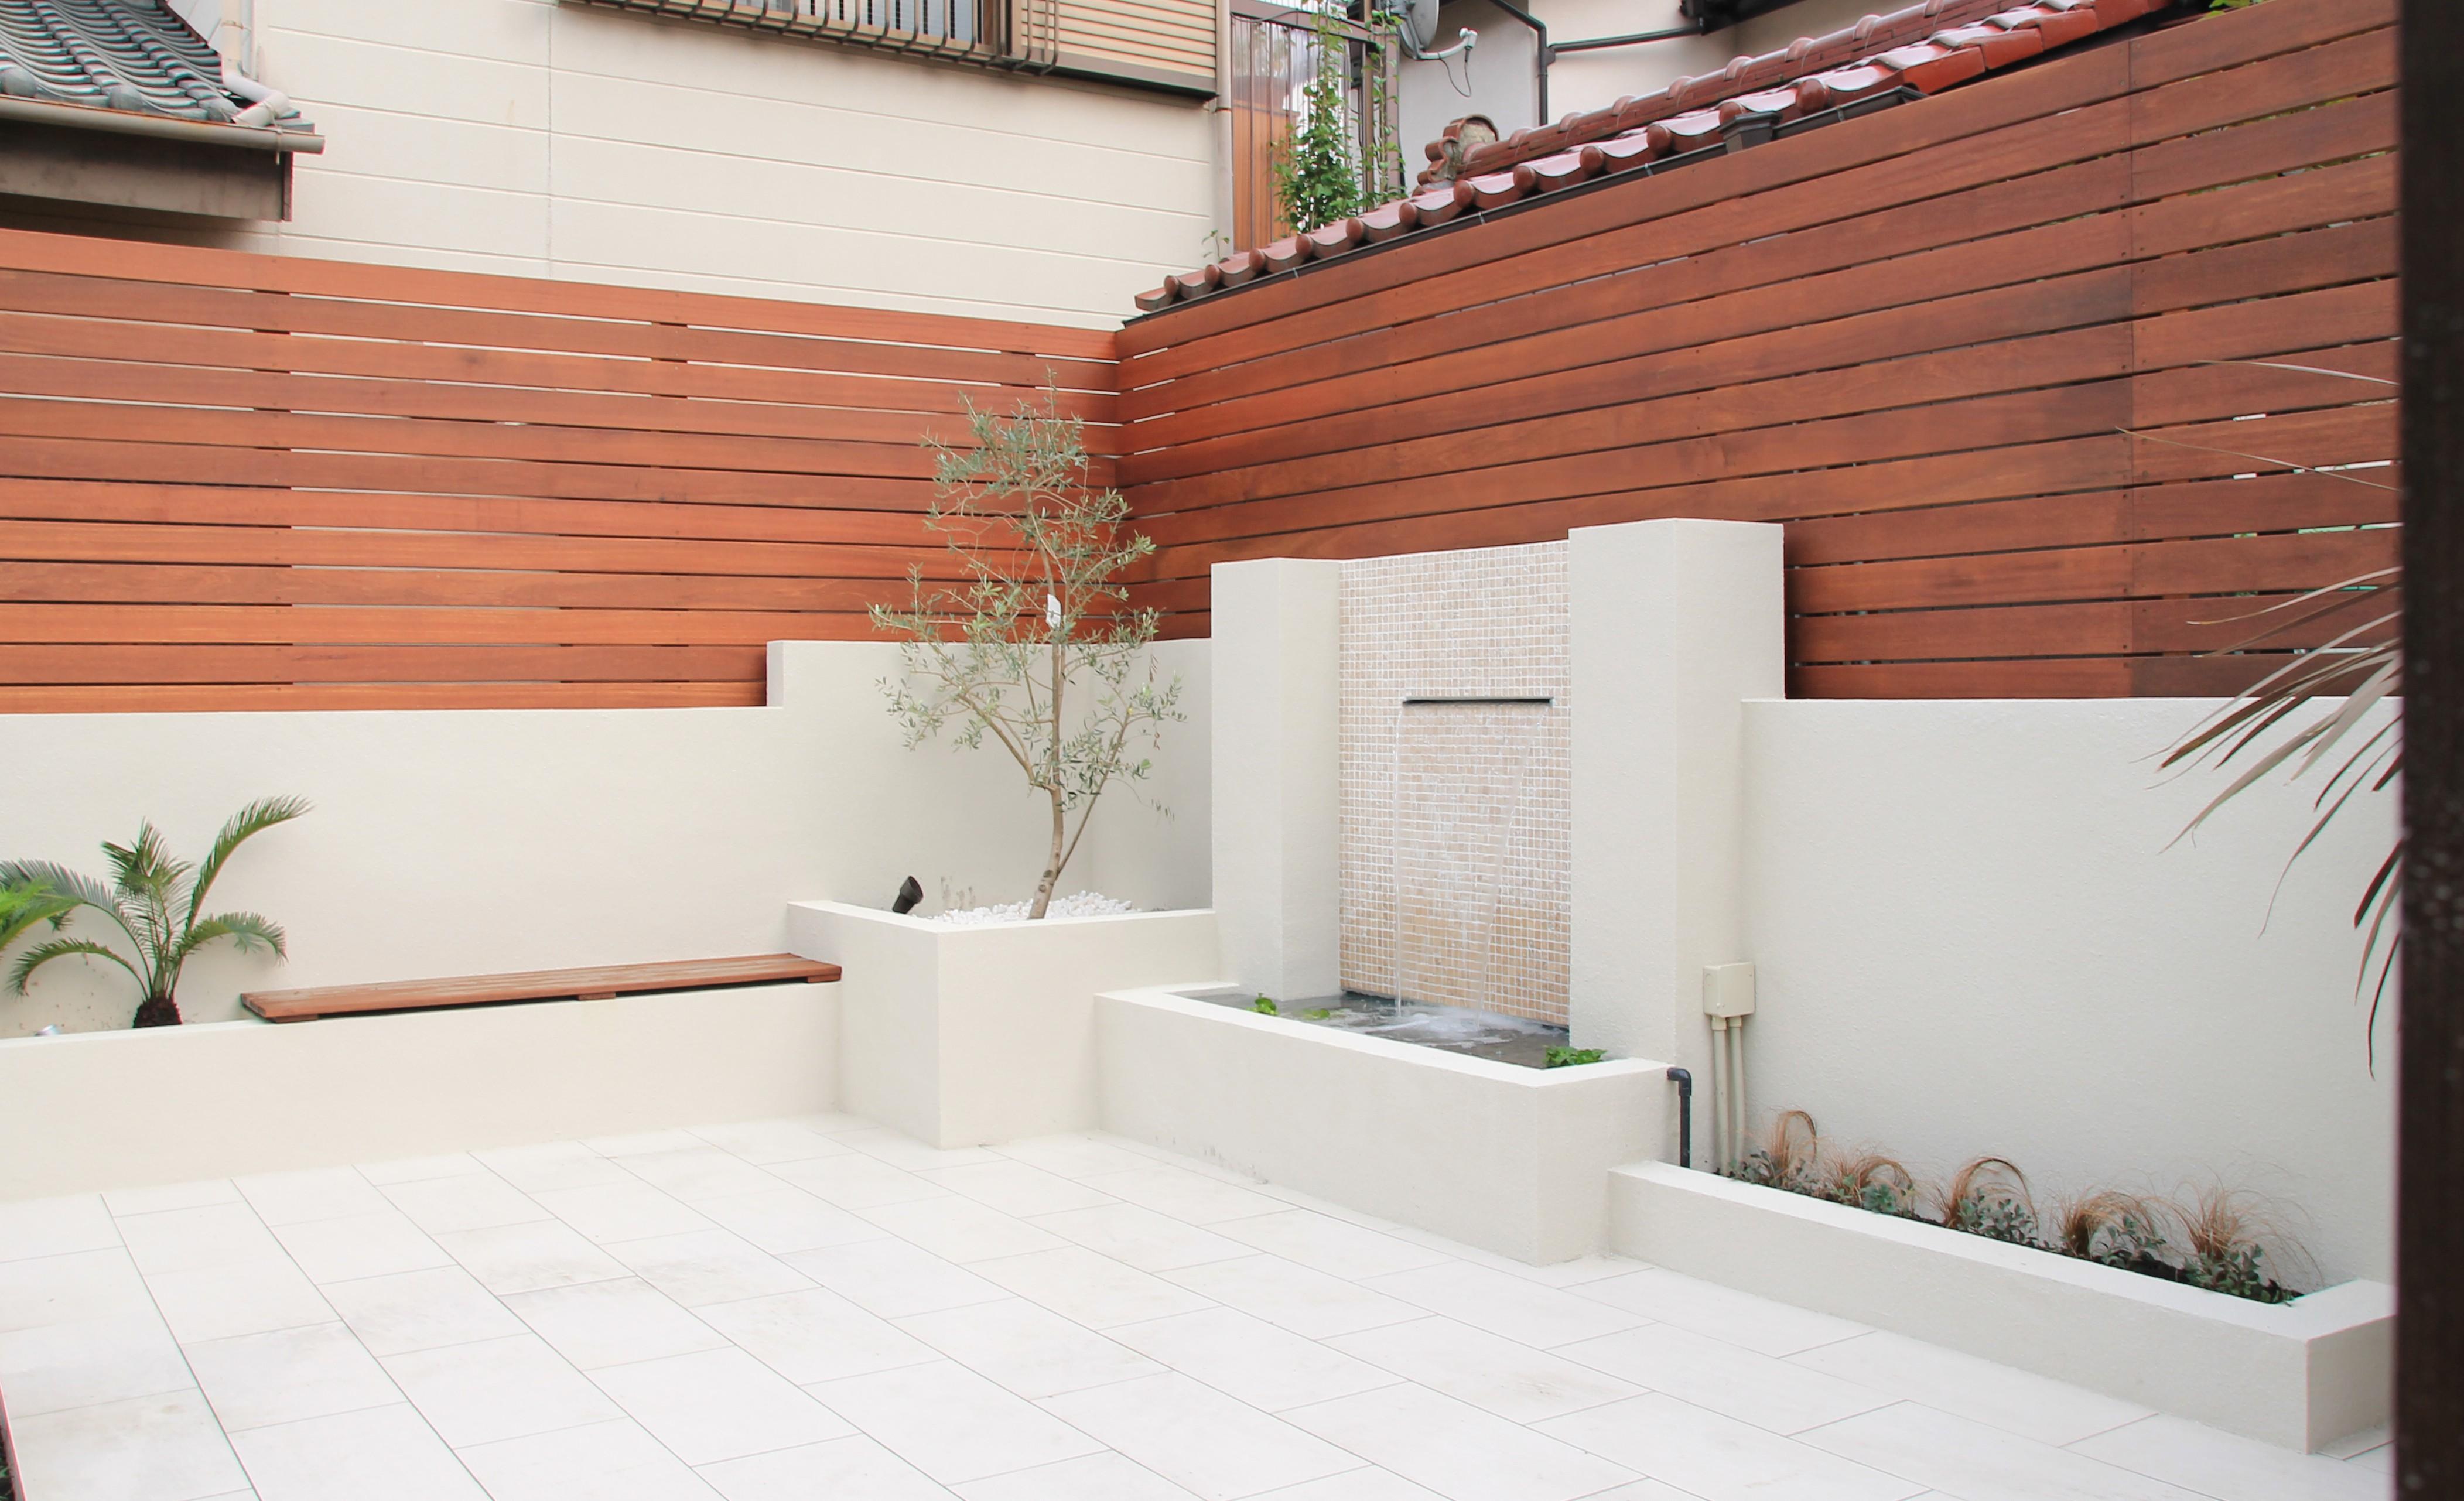 白い壁 バーベキュー エクステリア 高崎市 群馬 外構 リゾート 南国植物 ソテツ オリーブ デッキ